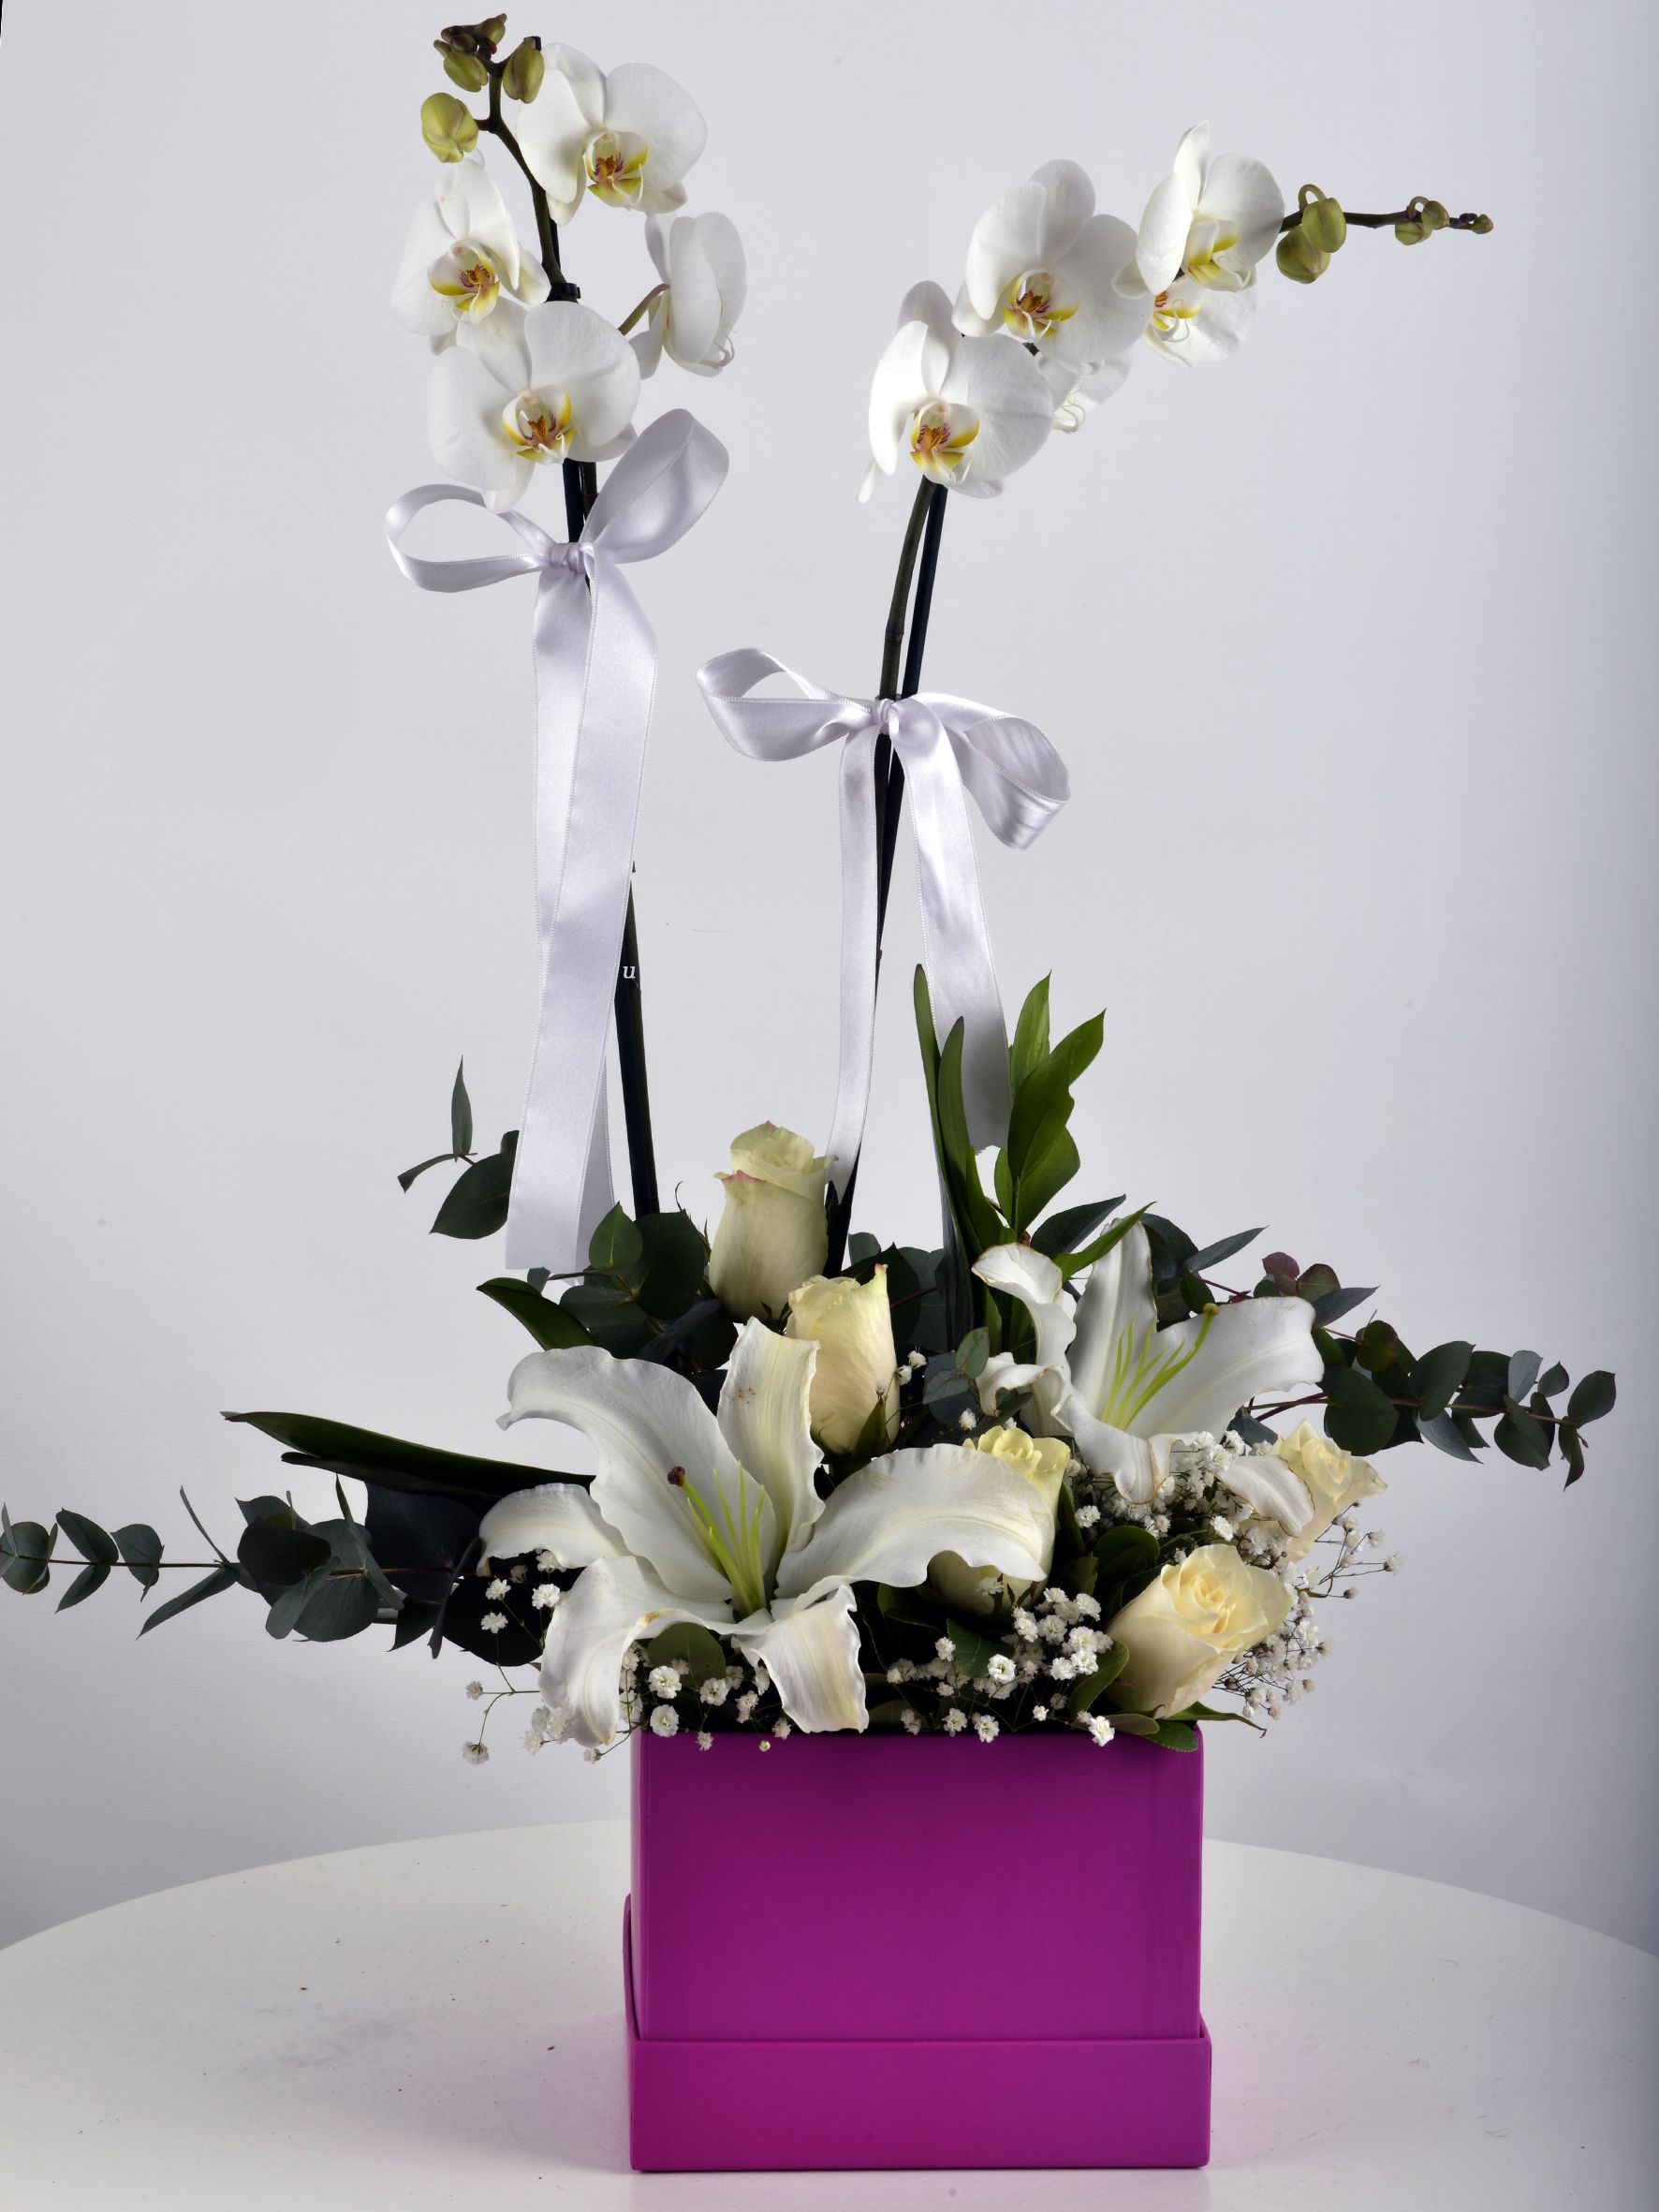 Hediye Kutusunda Çift Dallı Beyaz orkide....  çiçek gönder